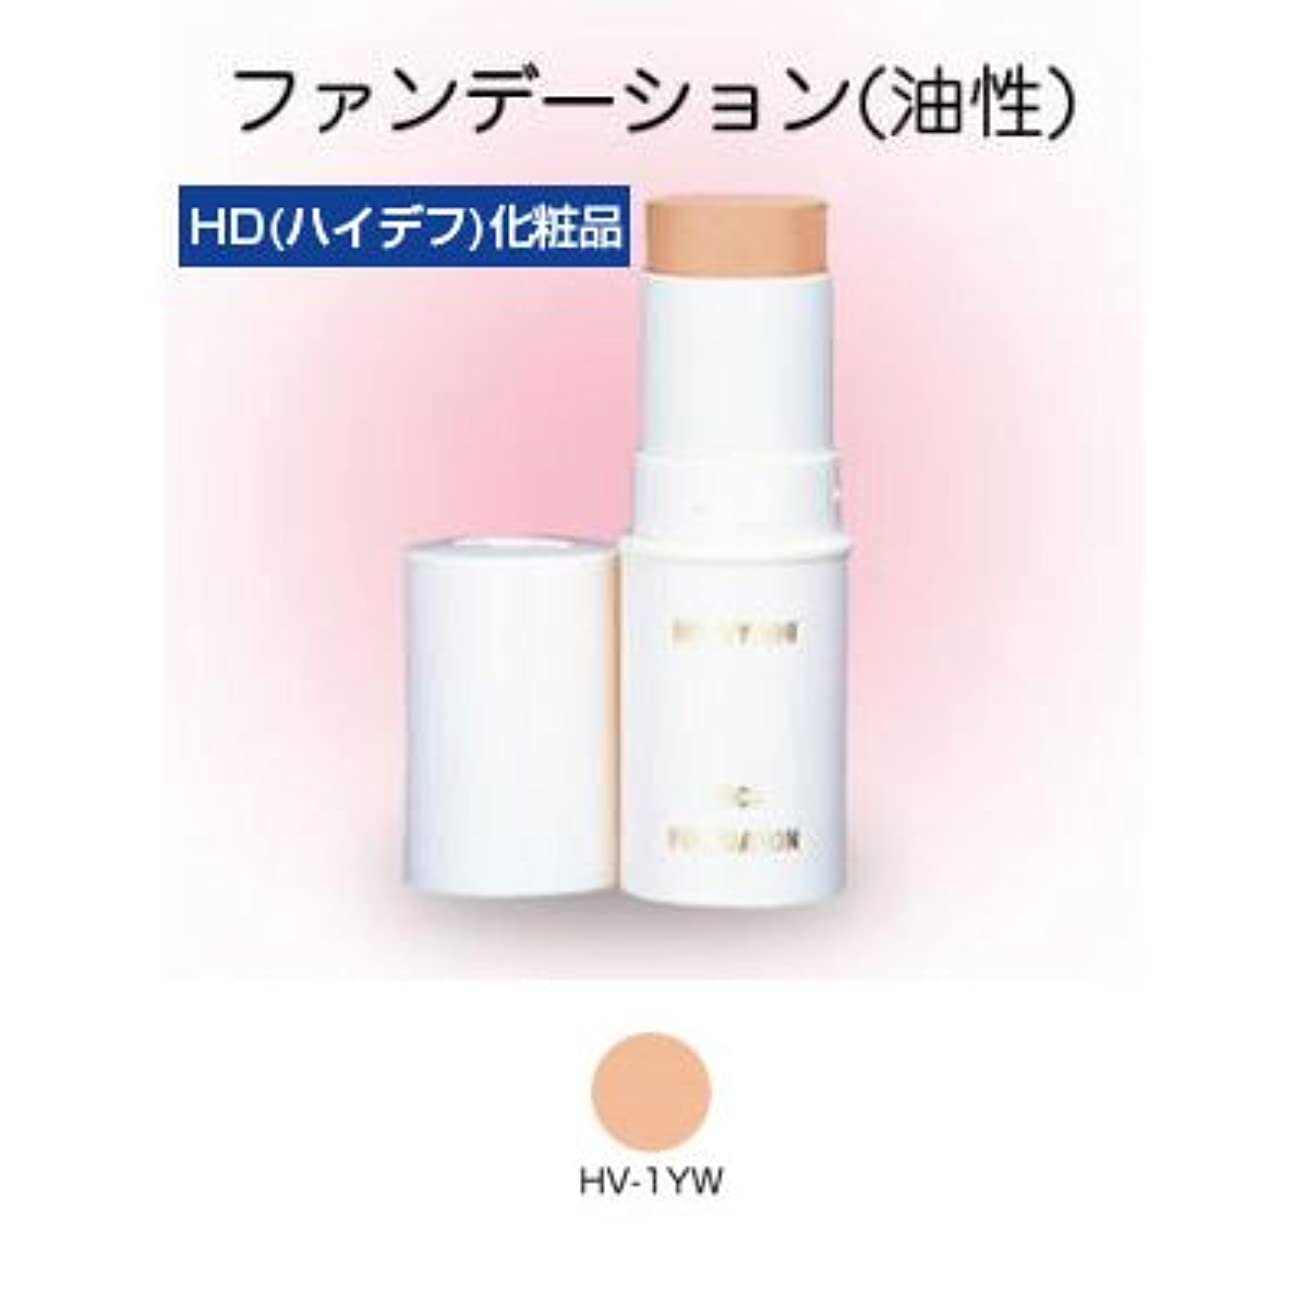 仕立て屋裁判所予言するスティックファンデーション HD化粧品 17g 1YW 【三善】